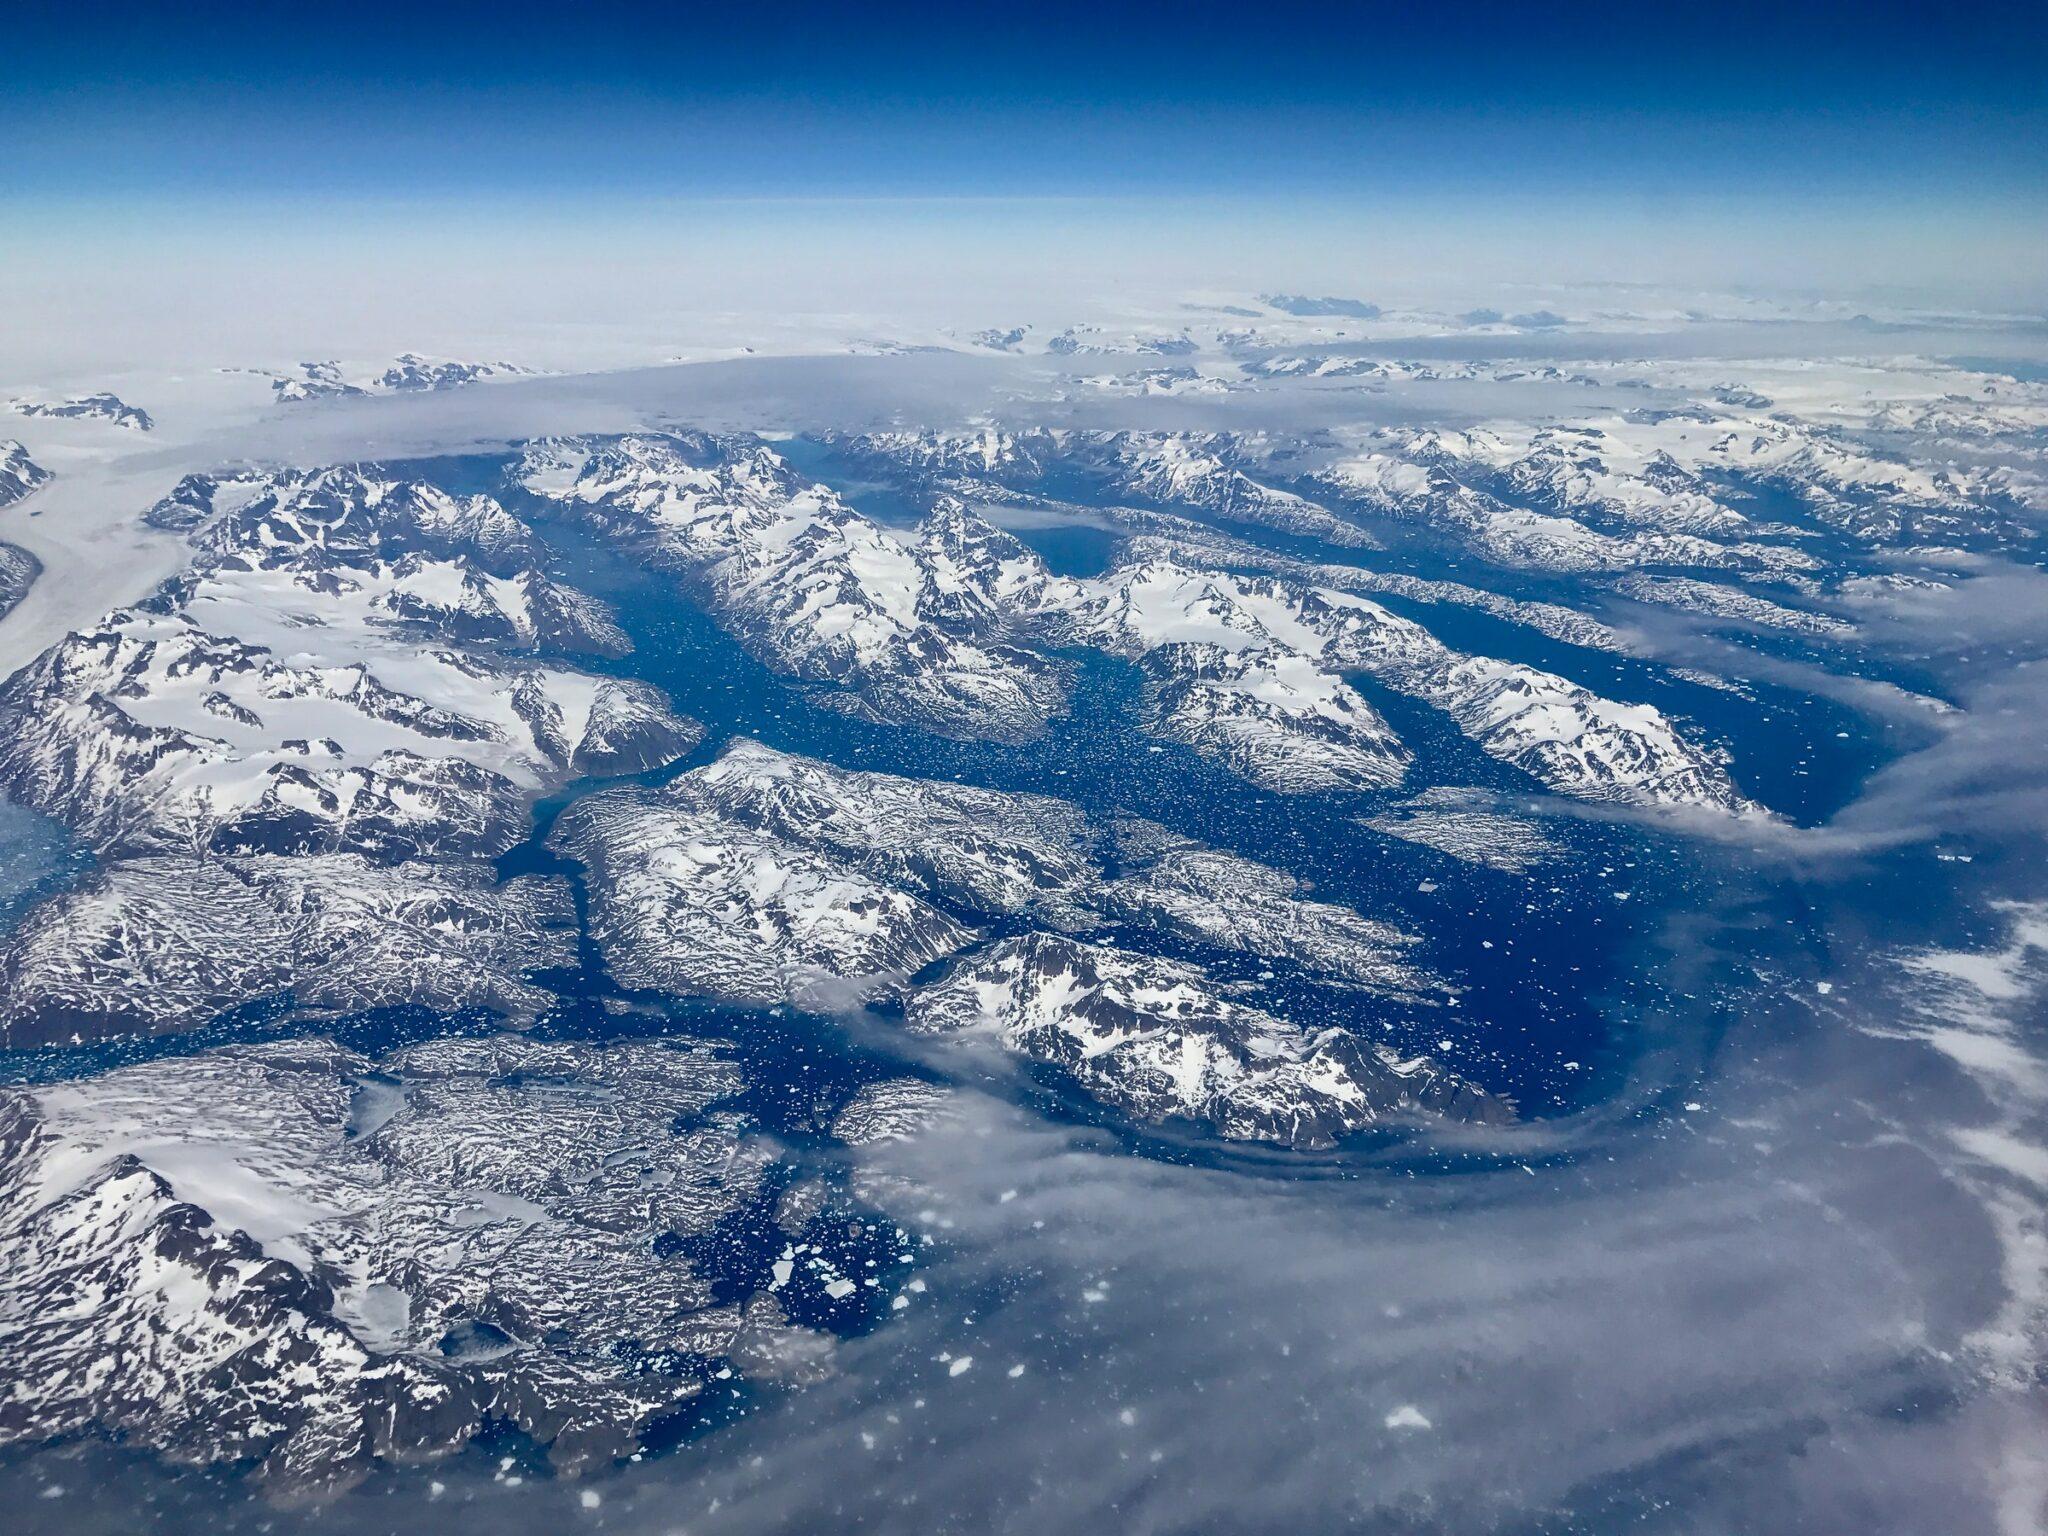 Eisiges Grönland von oben.